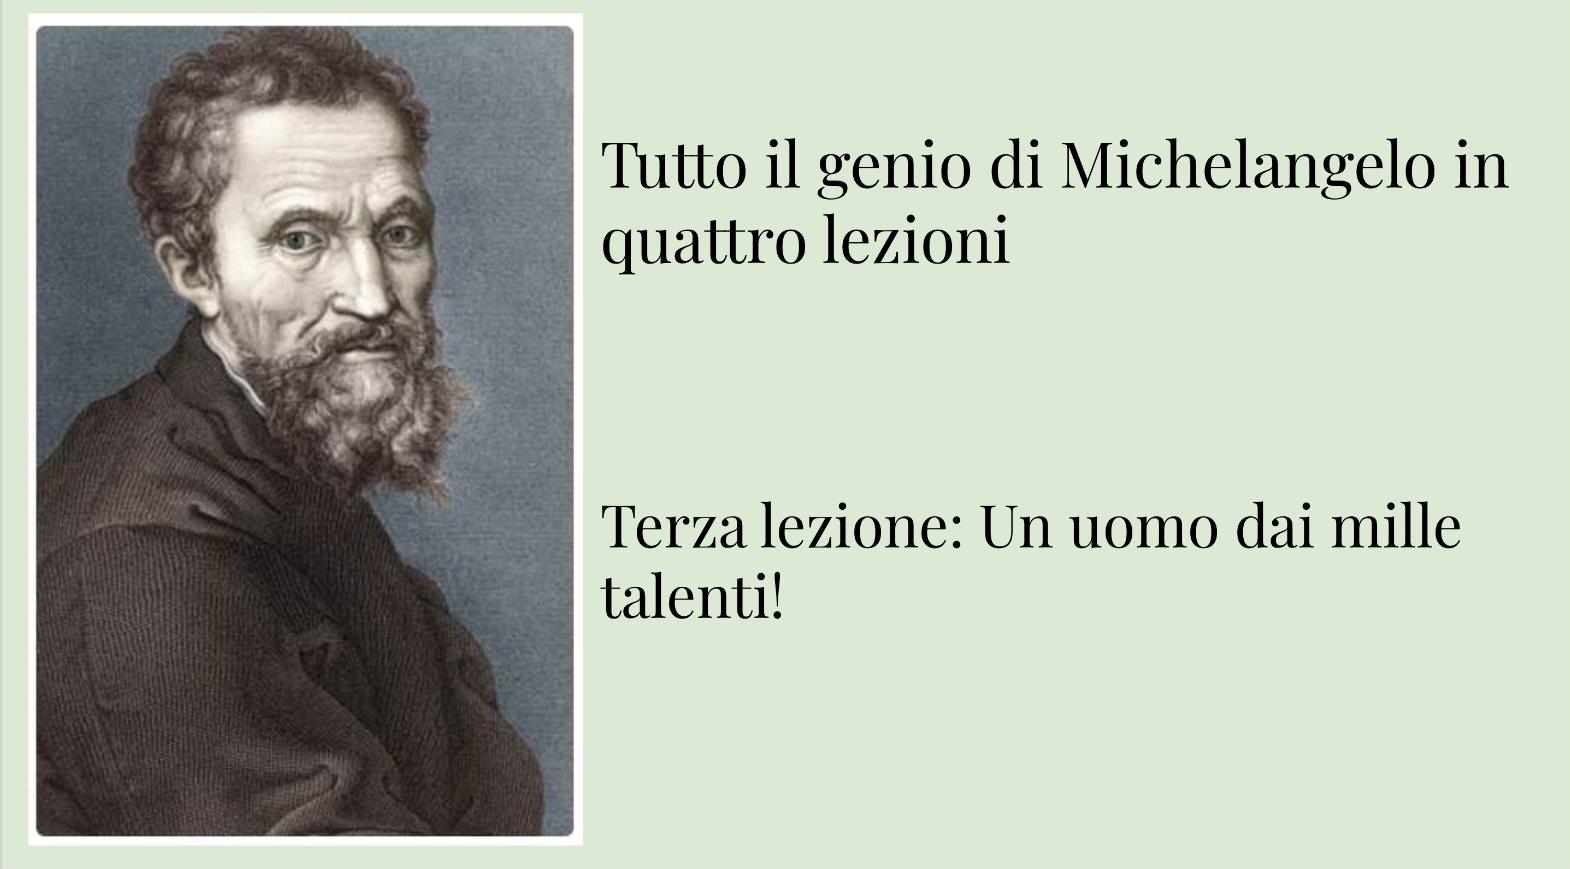 Tutto il genio di Michelangelo: terza lezione